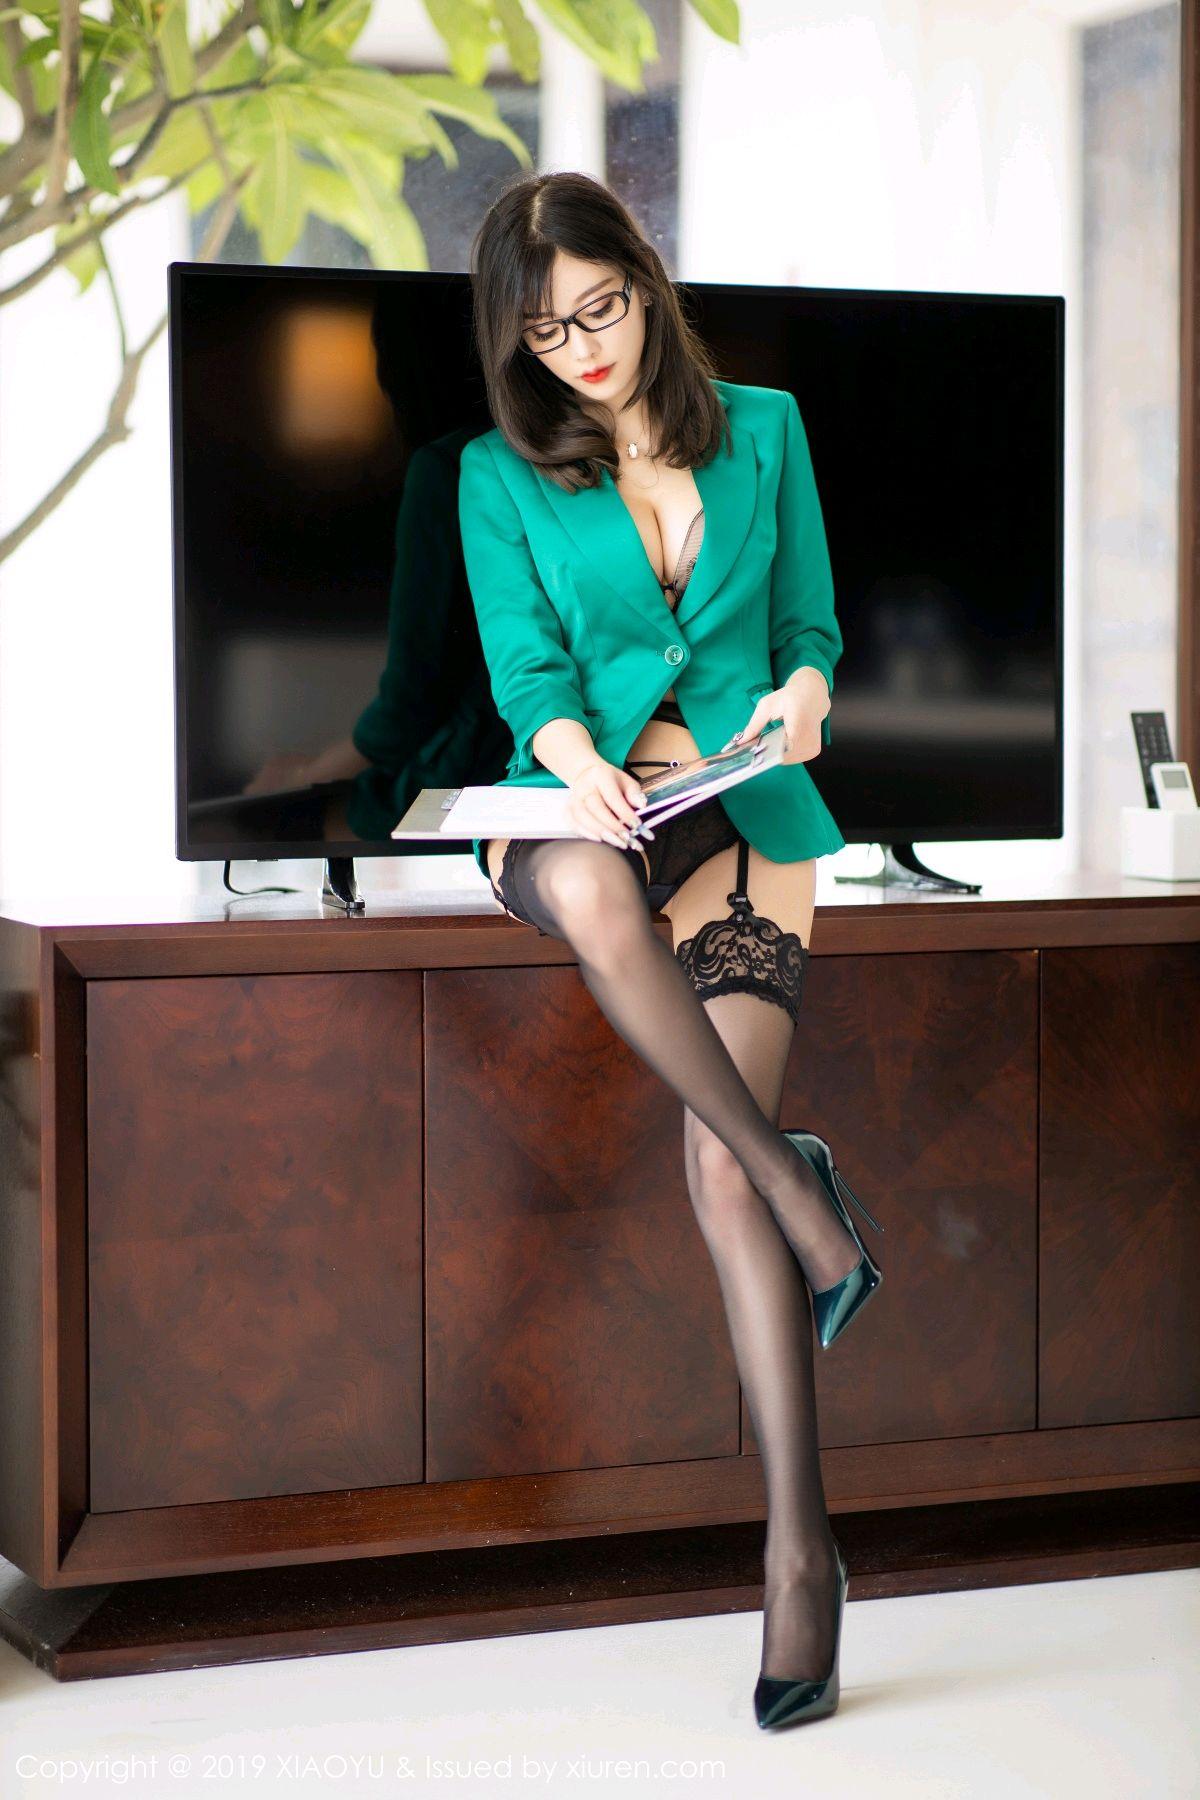 [XiaoYu] Vol.164 Yang Chen Chen 25P, Black Silk, Tall, XiaoYu, Yang Chen Chen